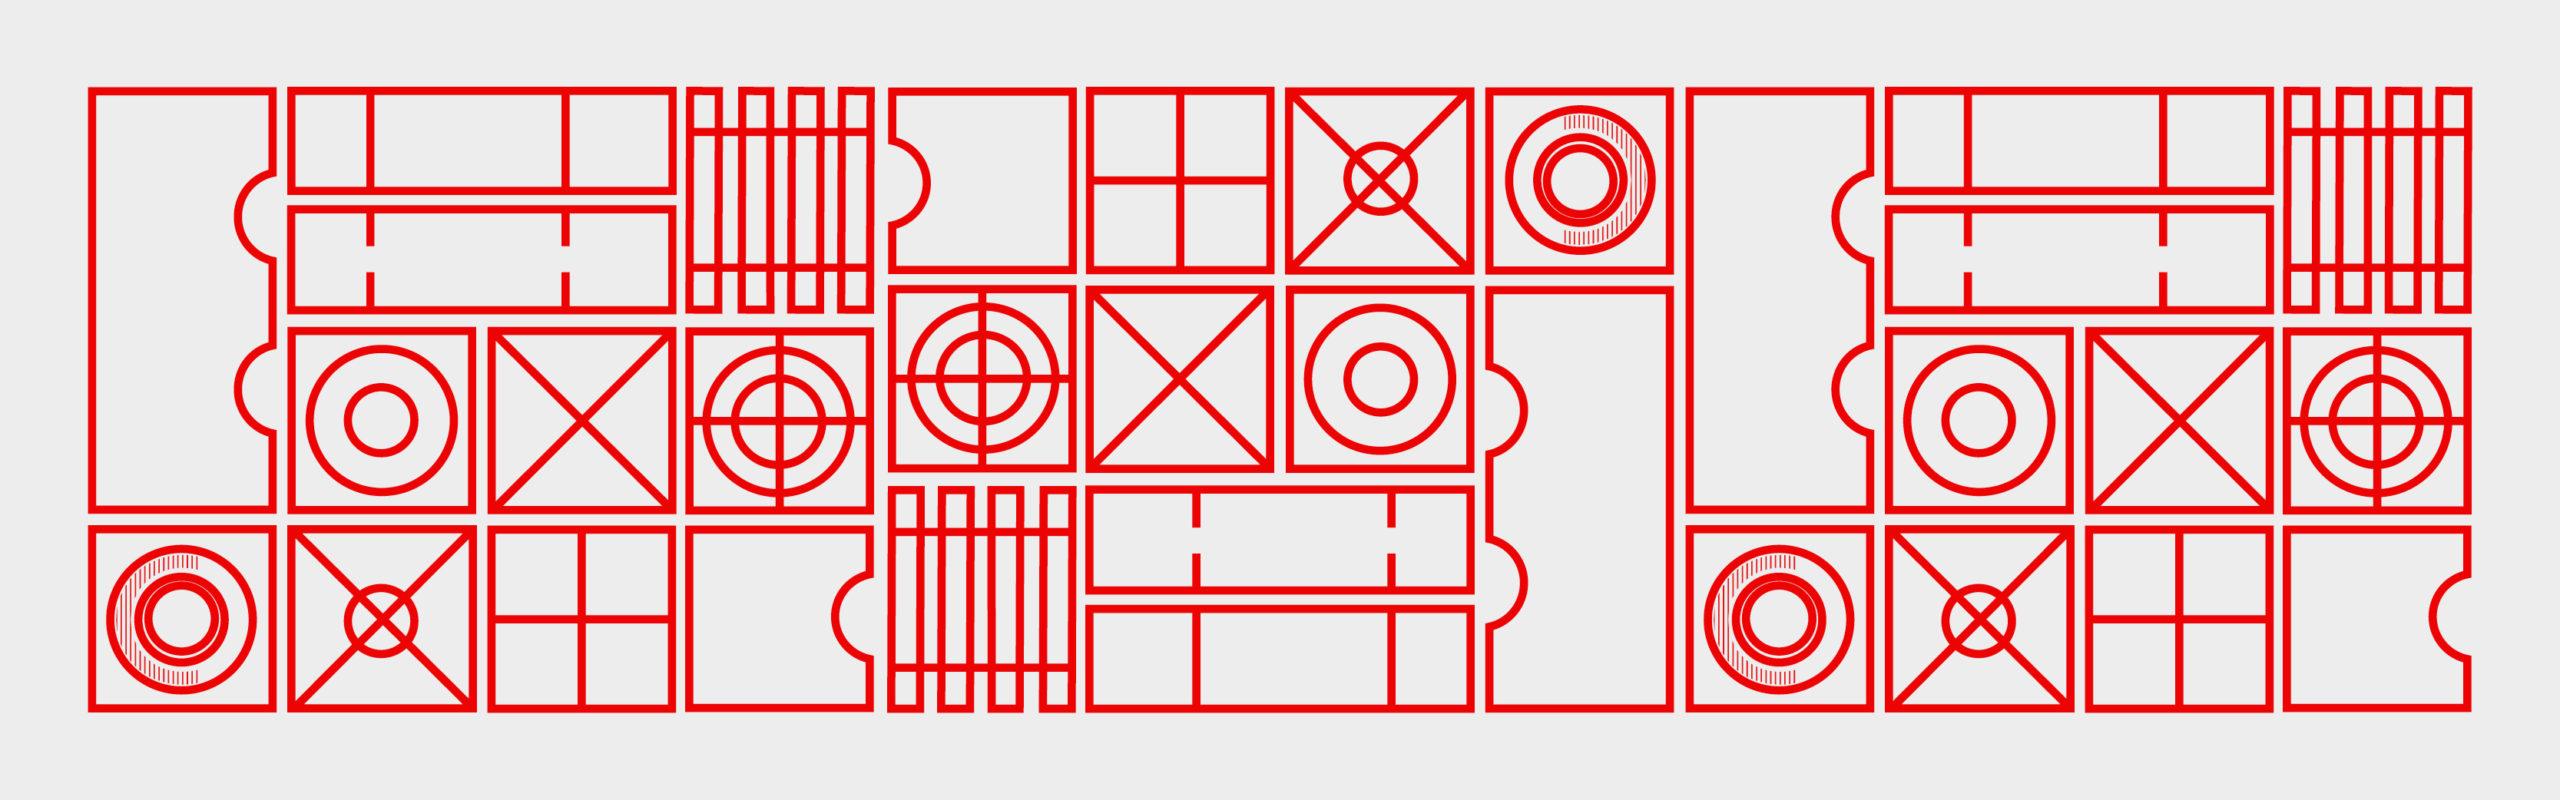 Pattern - Garage Dumont